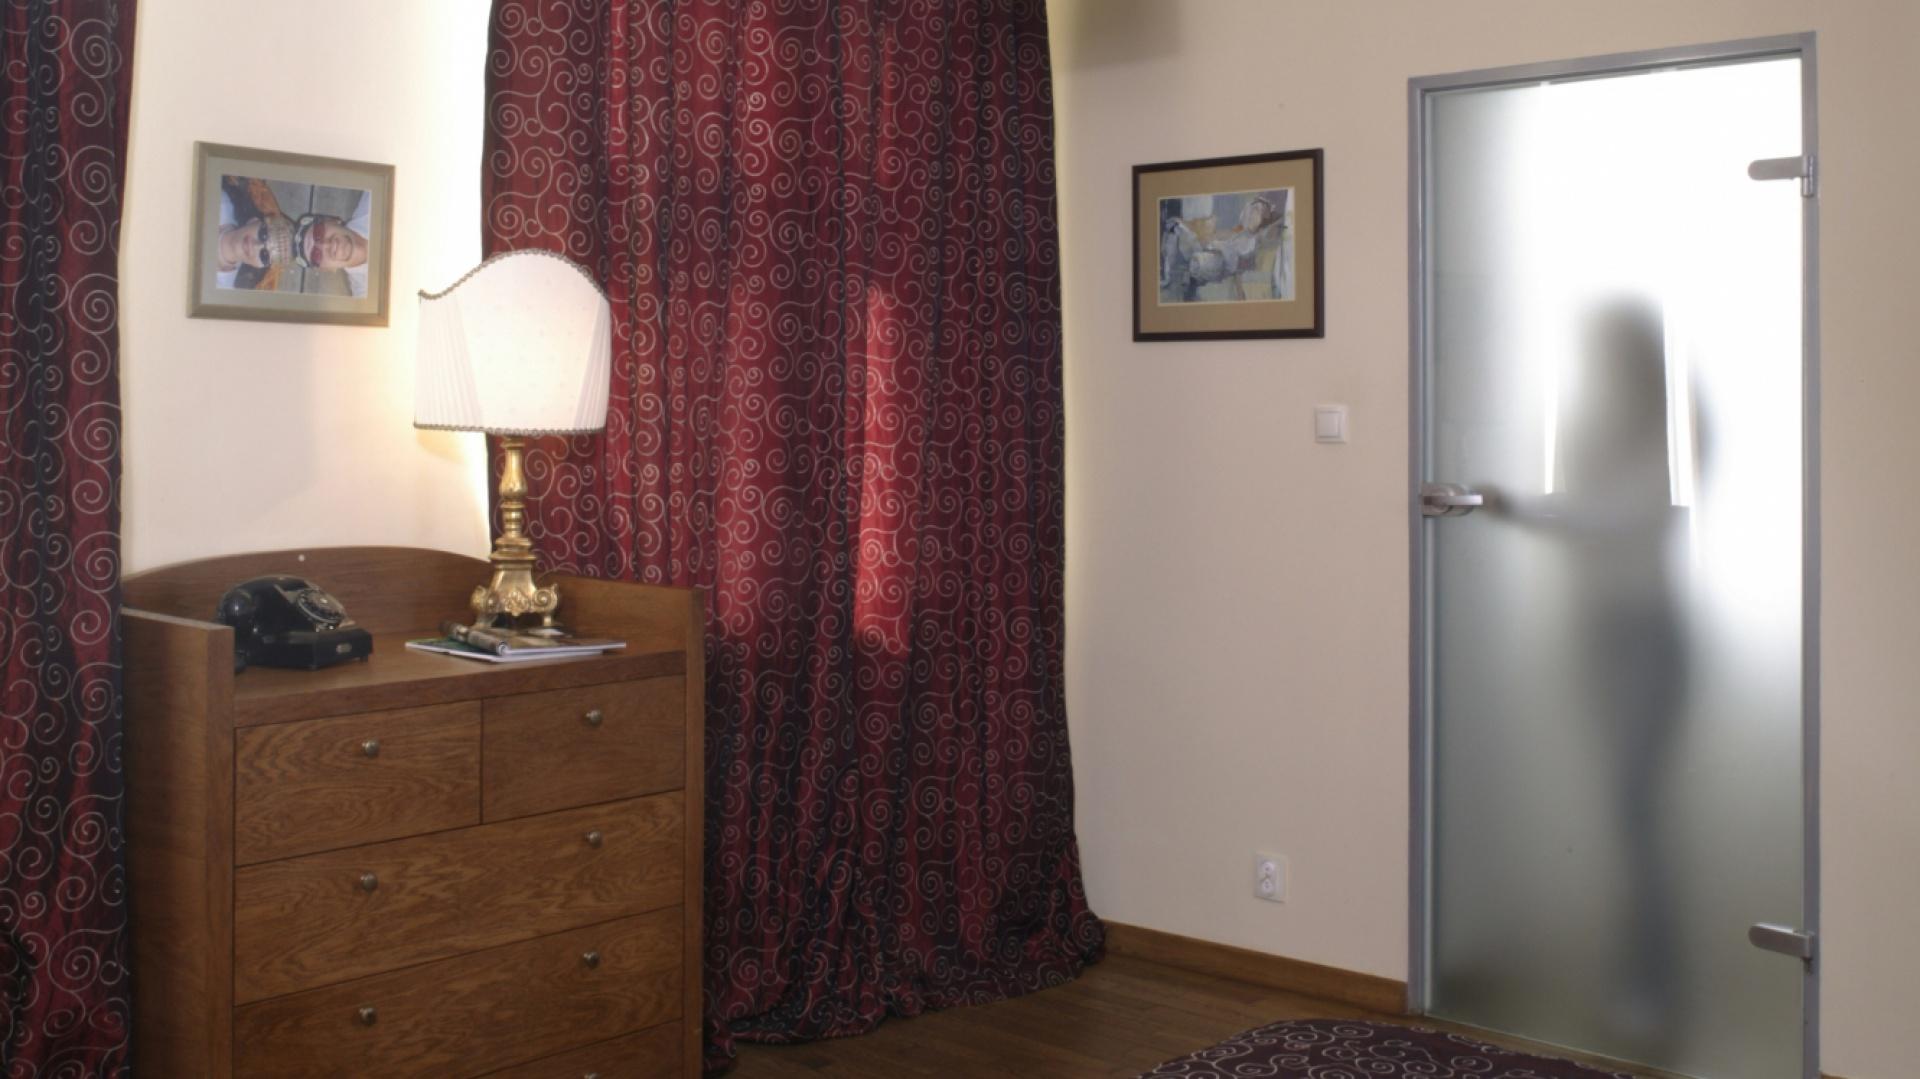 Dzięki dwóm, wysokim oknom, sypialnia jest bardzo jasna. By jednak zachować tu intymny nastrój, zawieszono w nich długie, ciężkie zasłony, z tej samej tkaniny, co narzuta na łóżko.  Fot. Monika Filipiuk.